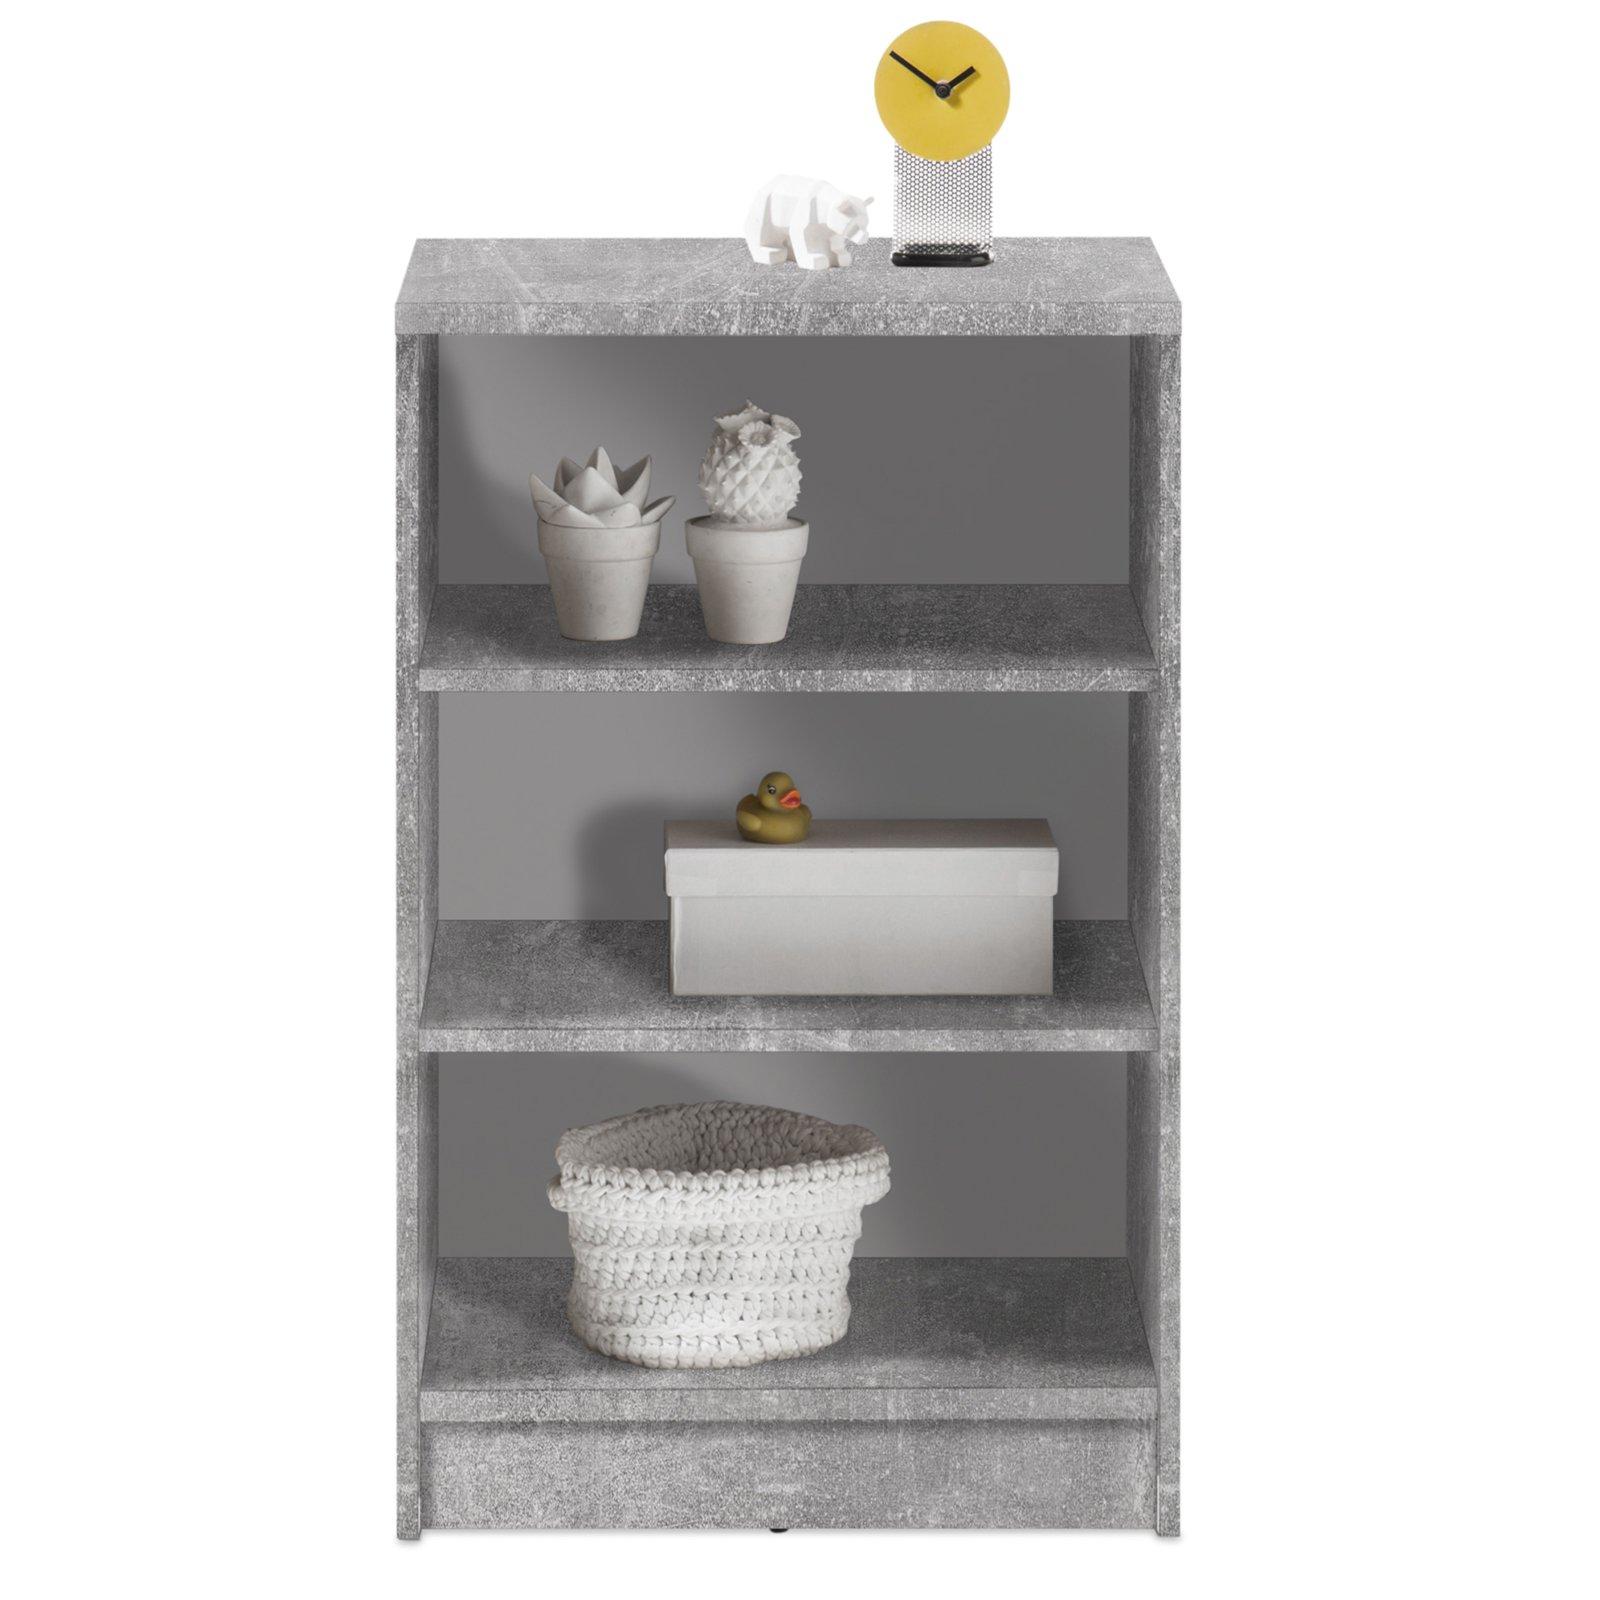 regal optimus - beton-weiß - 2 einlegeböden - 54 cm breit